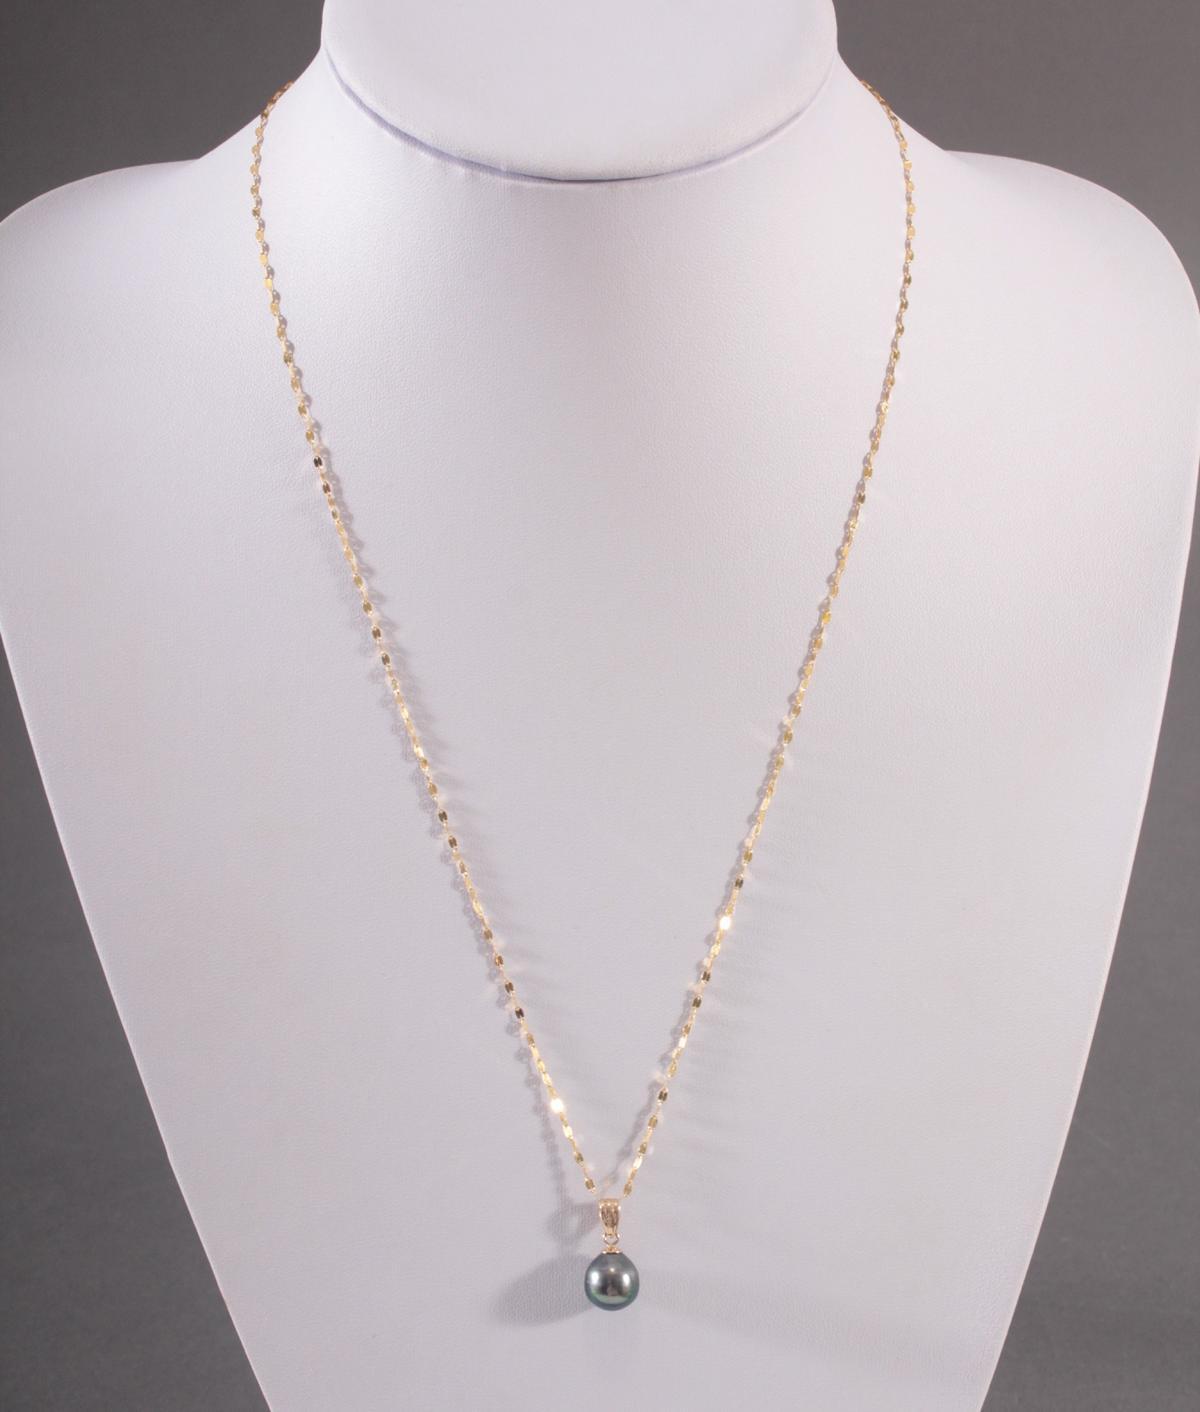 Halskette mit Tahitiperle, 14 und 18 Karat Gelbgold